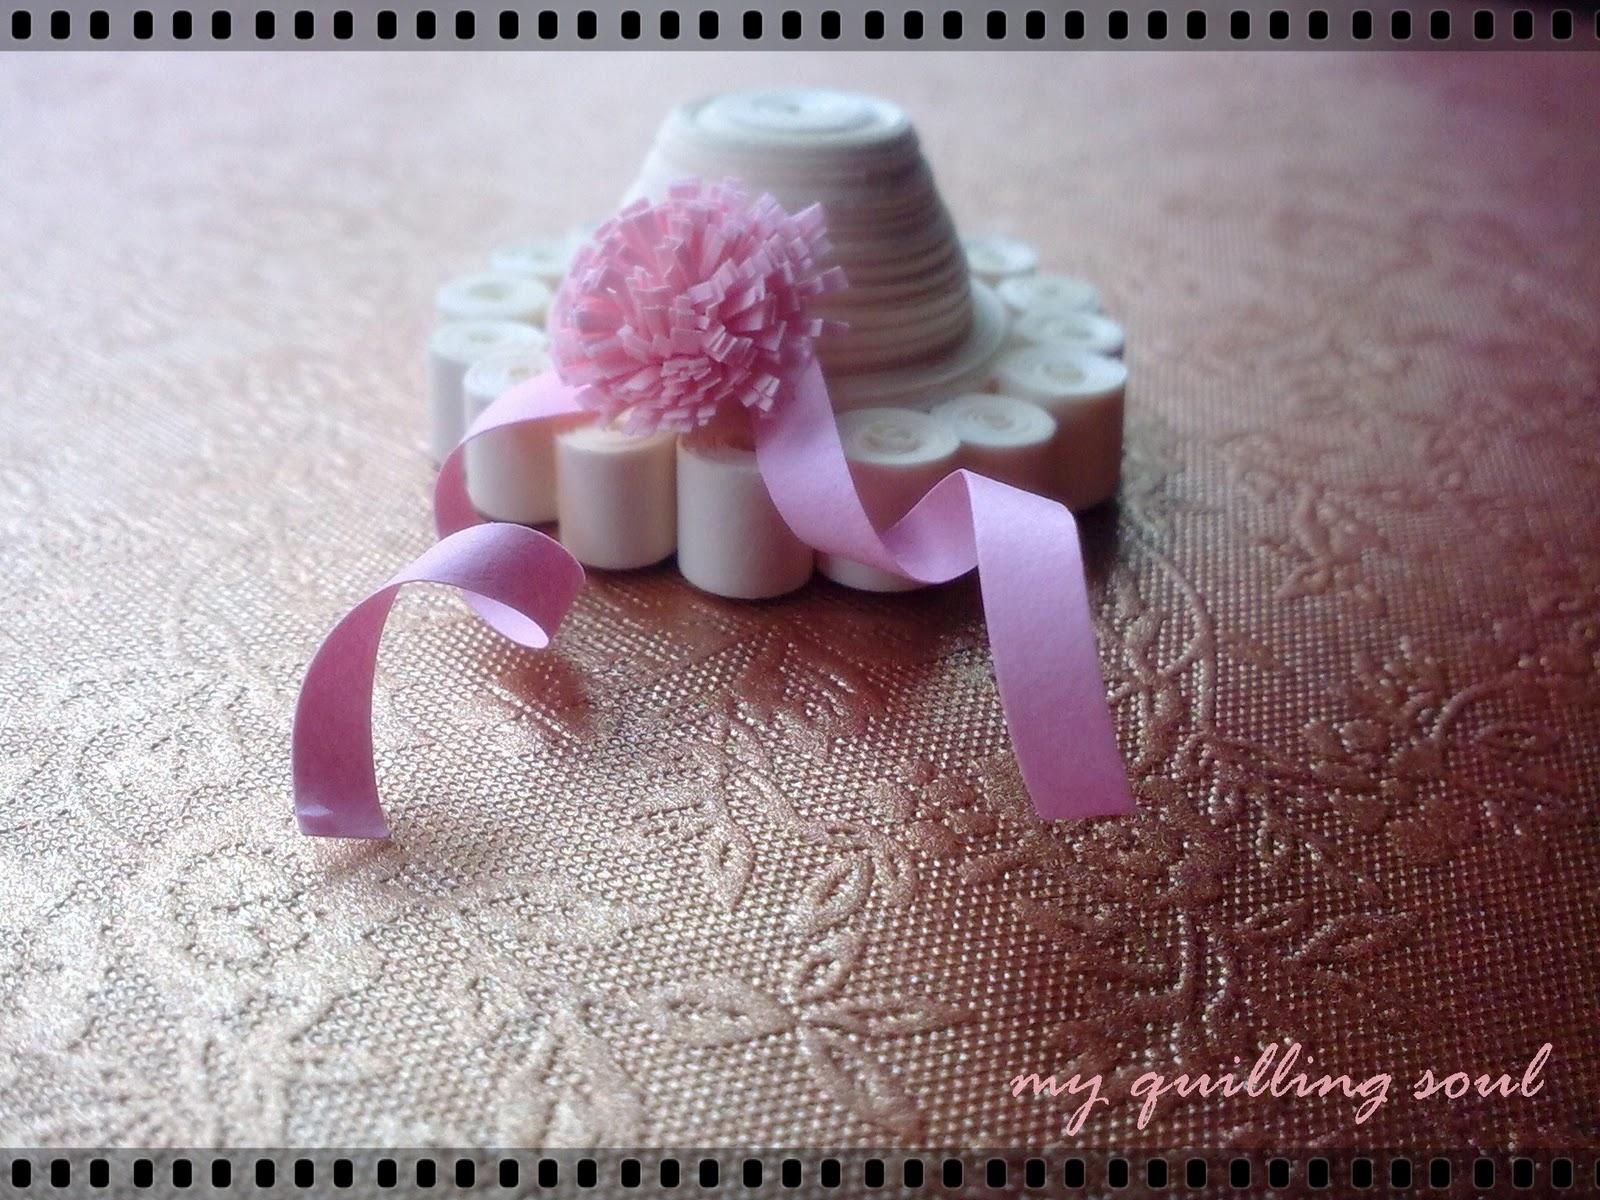 http://3.bp.blogspot.com/_Q760JNLEjGM/TPBo224WjmI/AAAAAAAAC4I/tIbu6OJjdiQ/s1600/Image1085.jpg